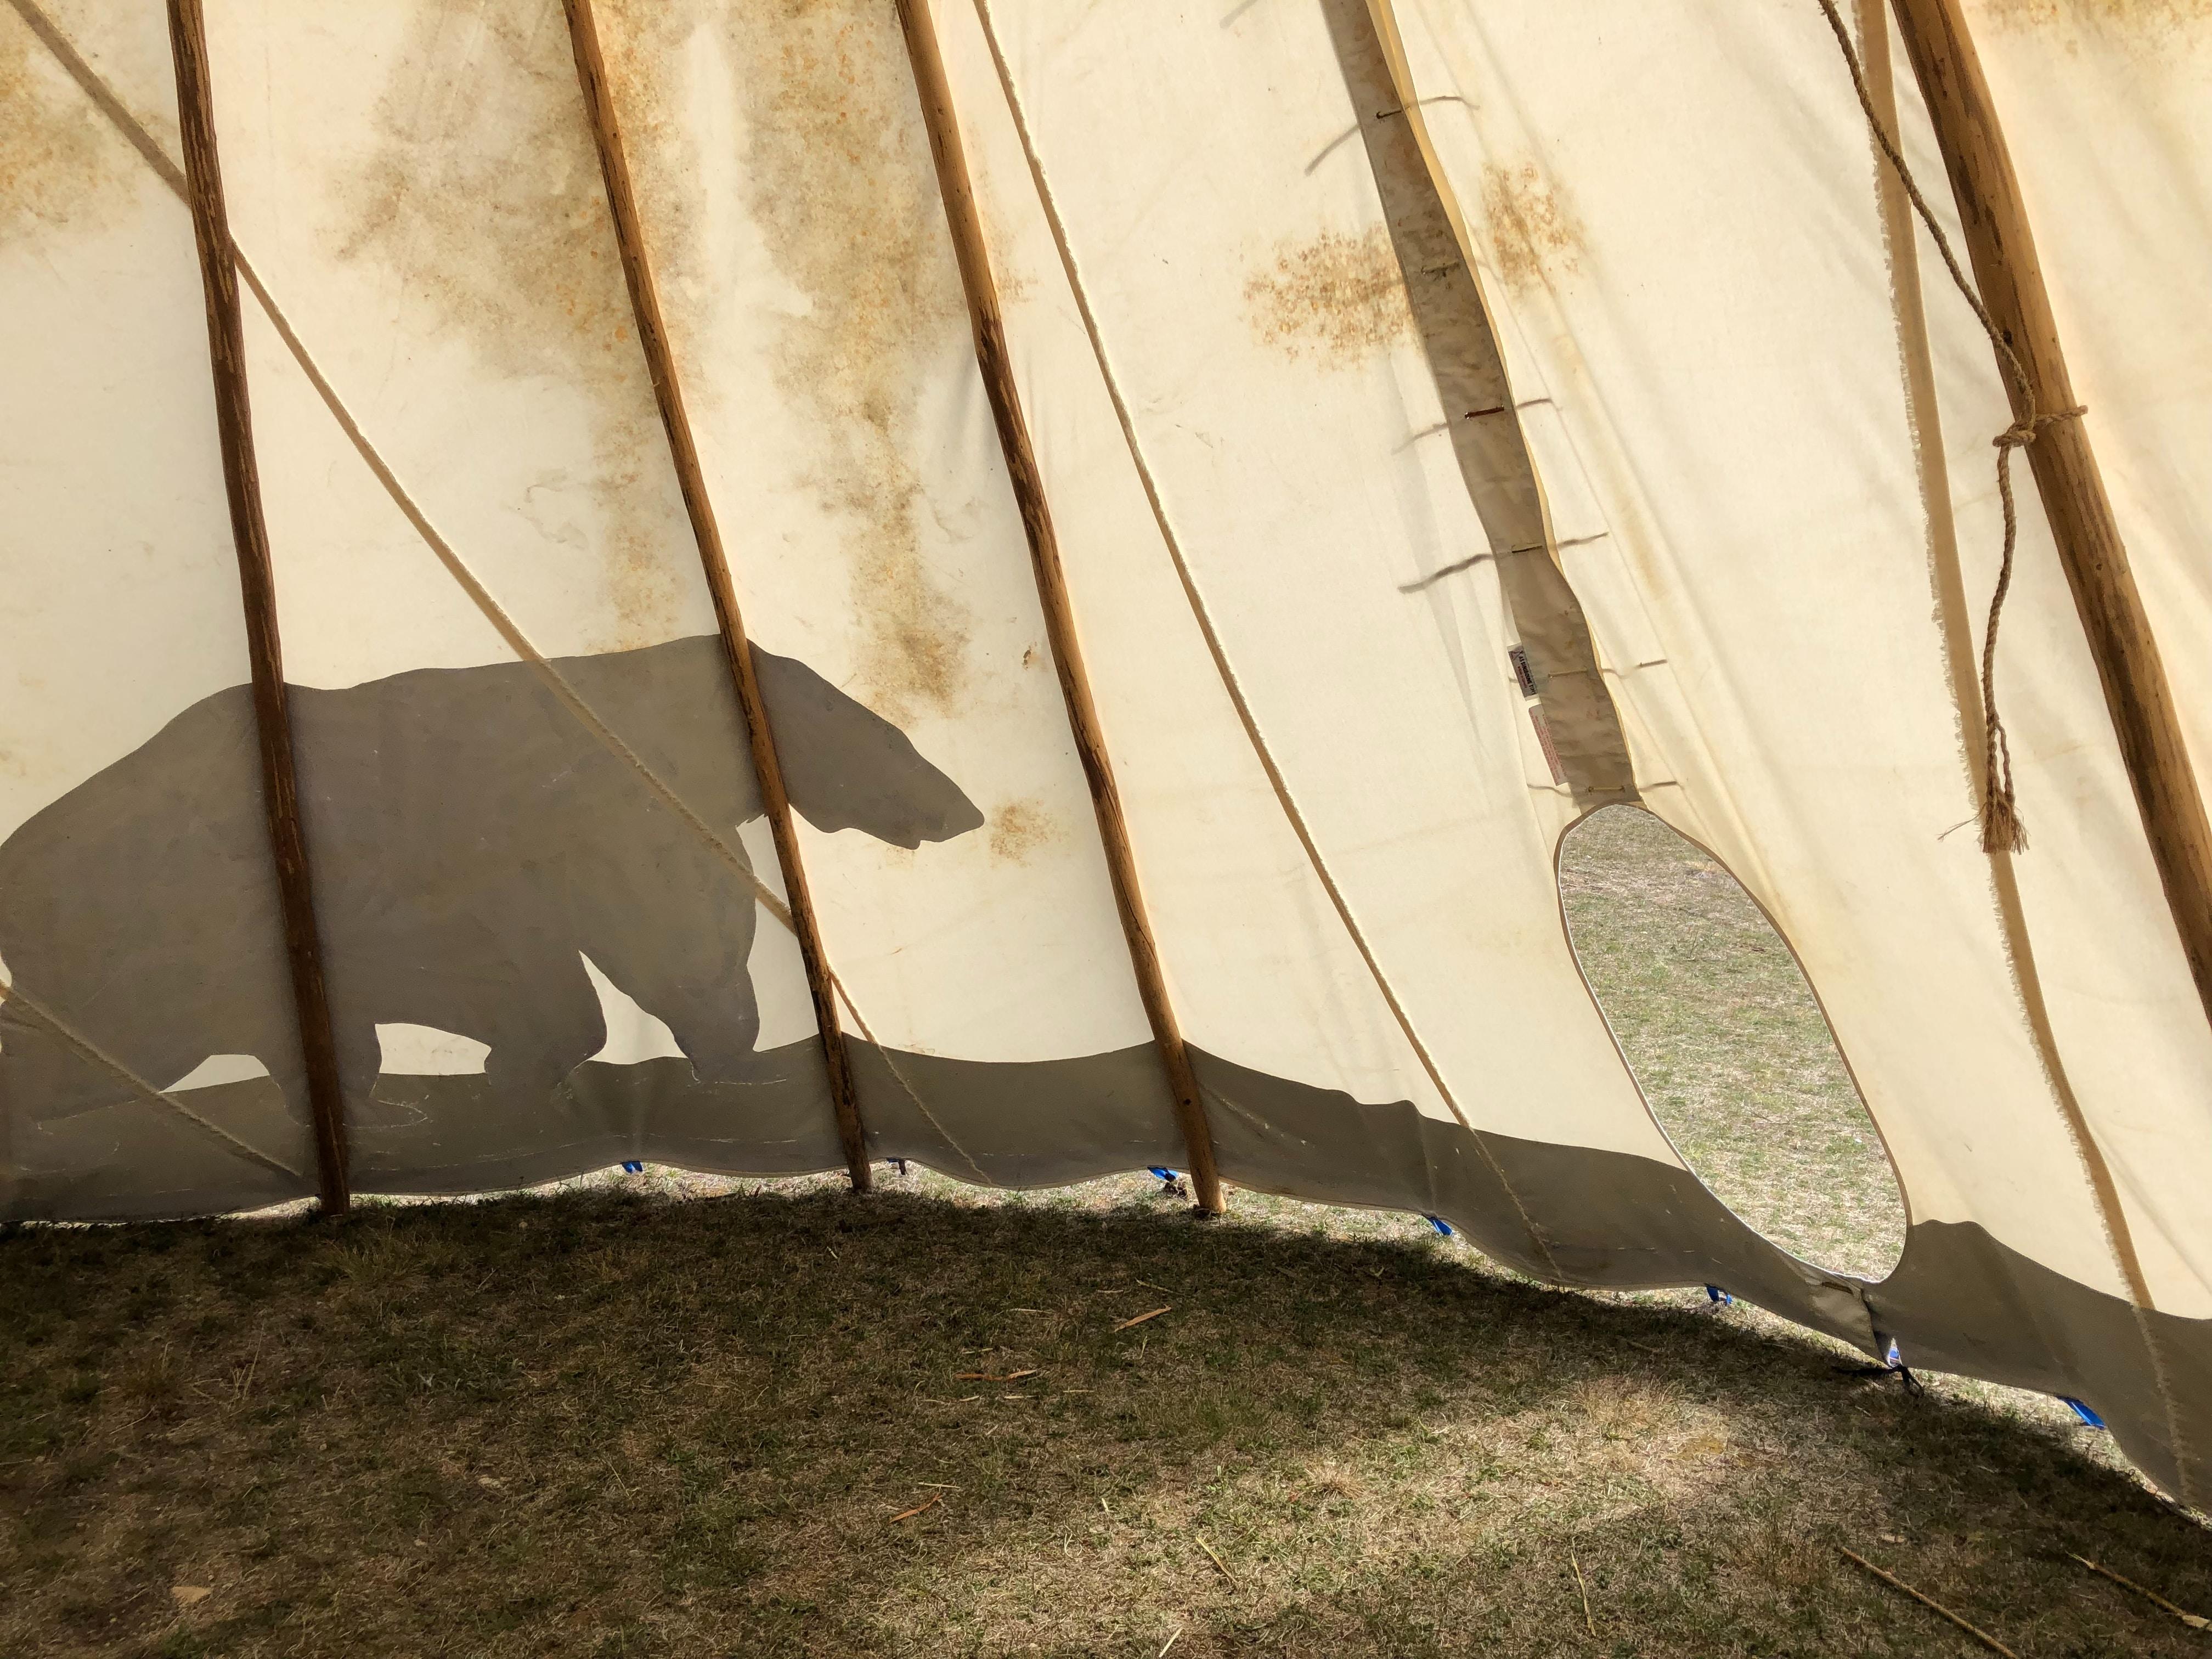 tenda da campeggio e orso